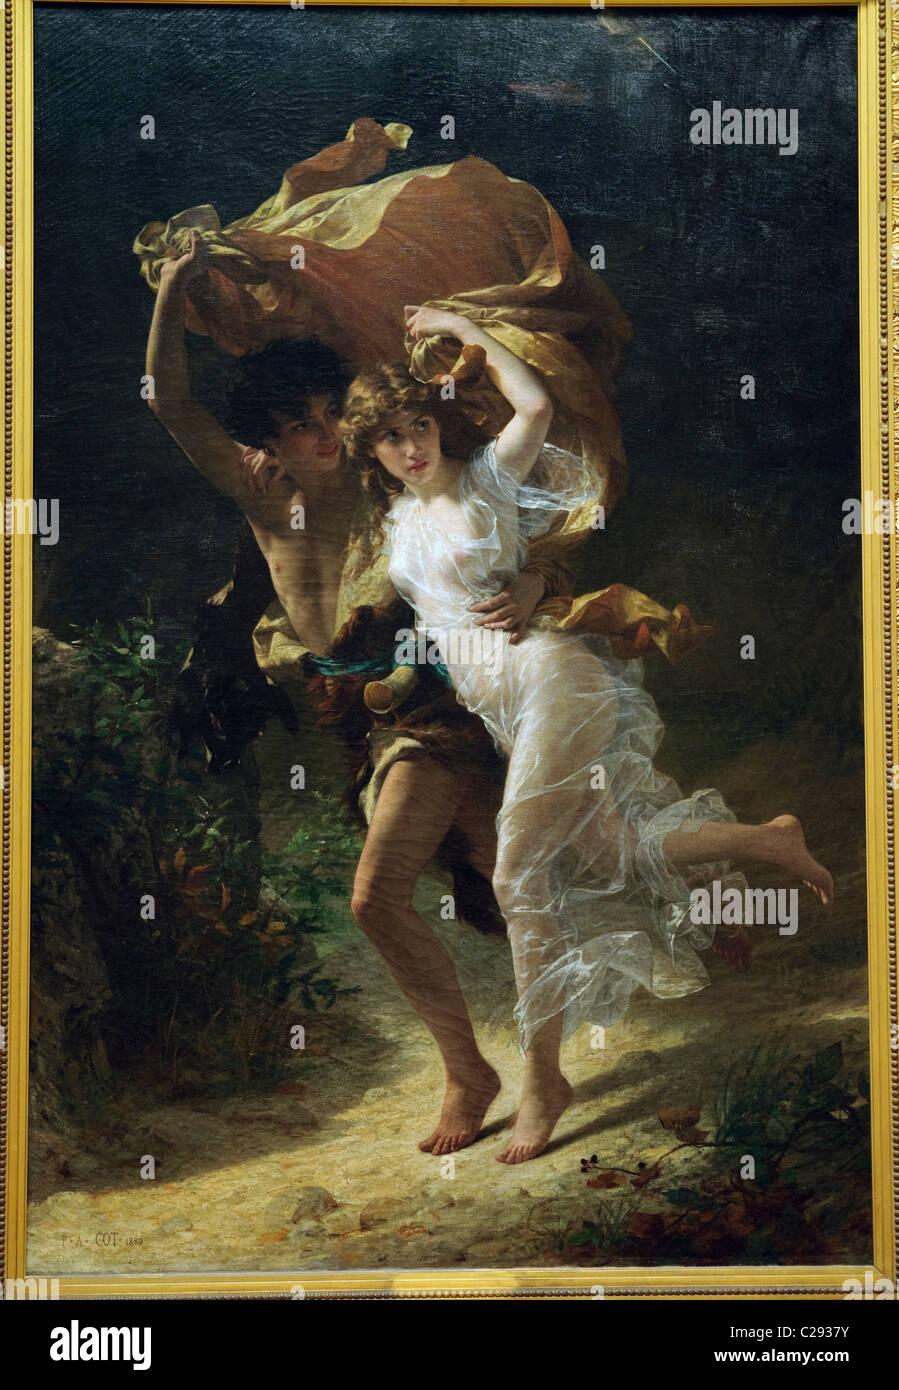 La Storm,1880, di Pierre-Auguste Cot Immagini Stock